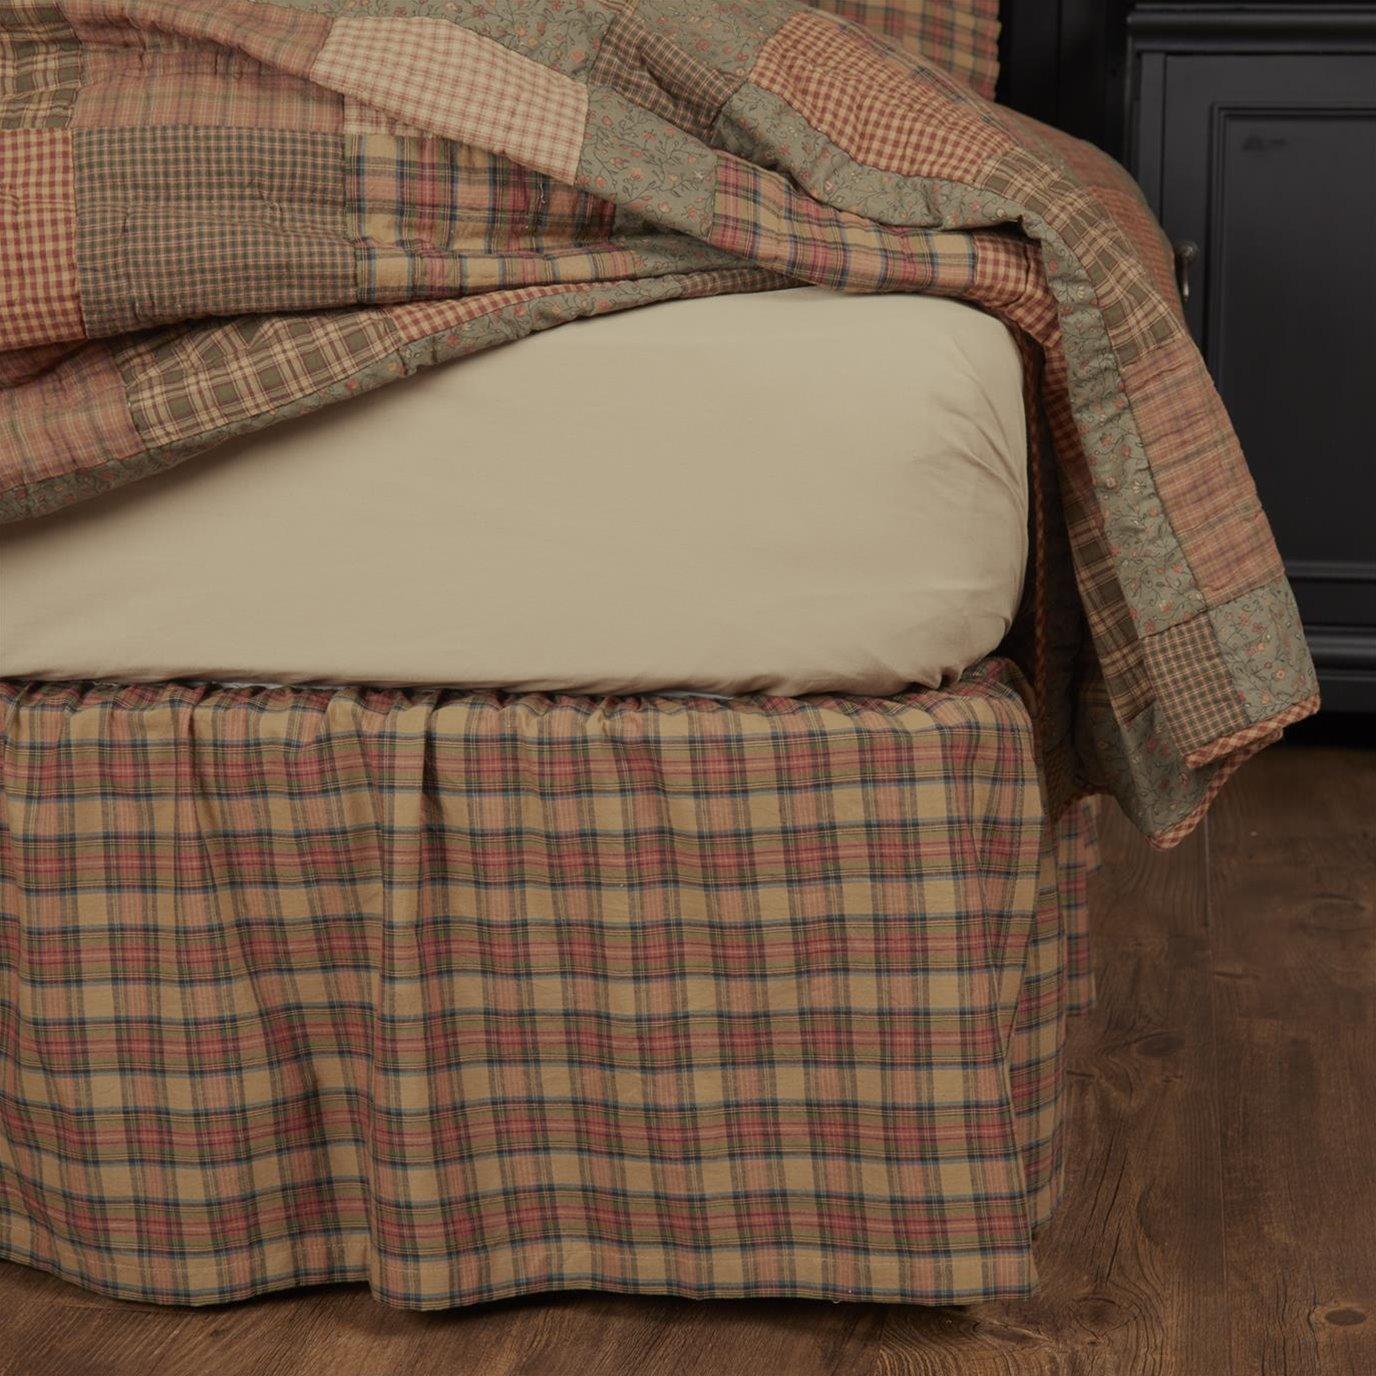 Crosswoods Queen Bed Skirt 60x80x16